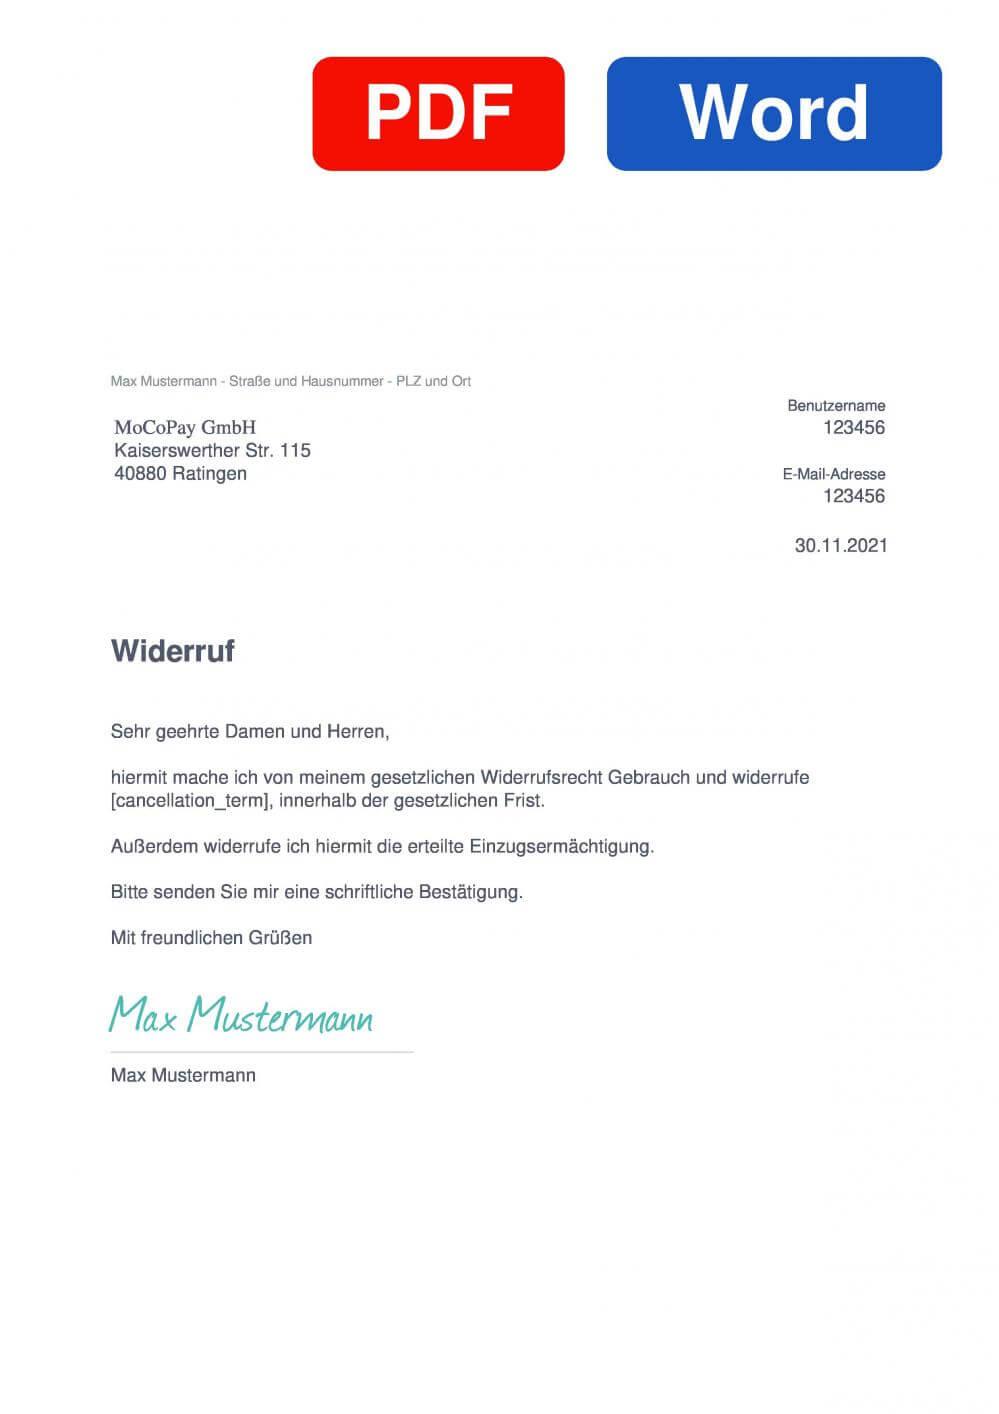 MoCoPay.de Muster Vorlage für Wiederrufsschreiben